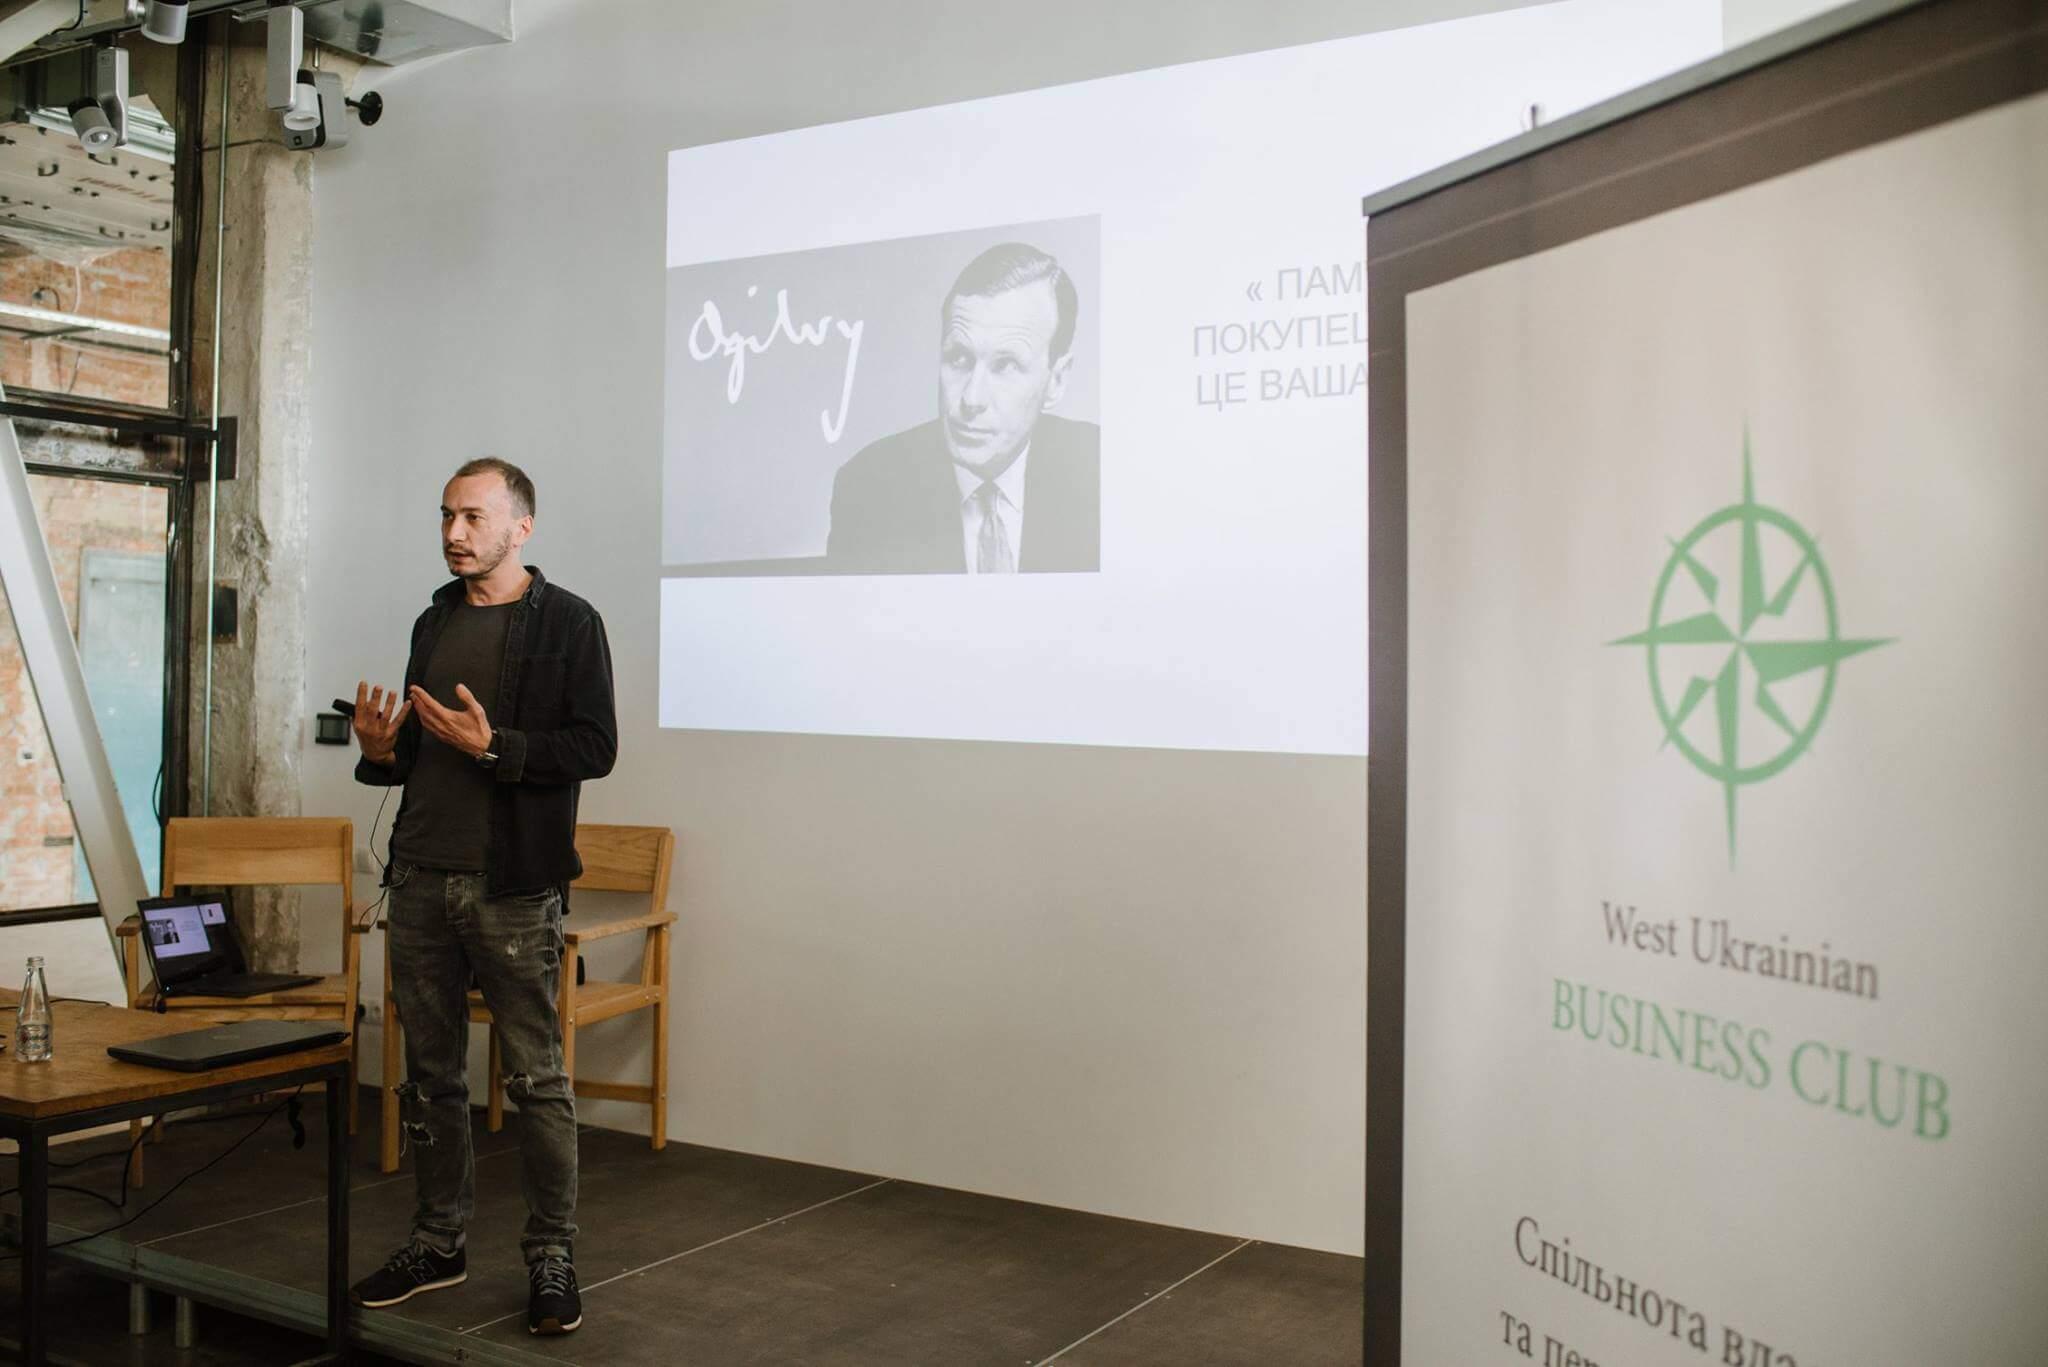 Як успішно просувати бренд: лекція від Віталія Соболевського